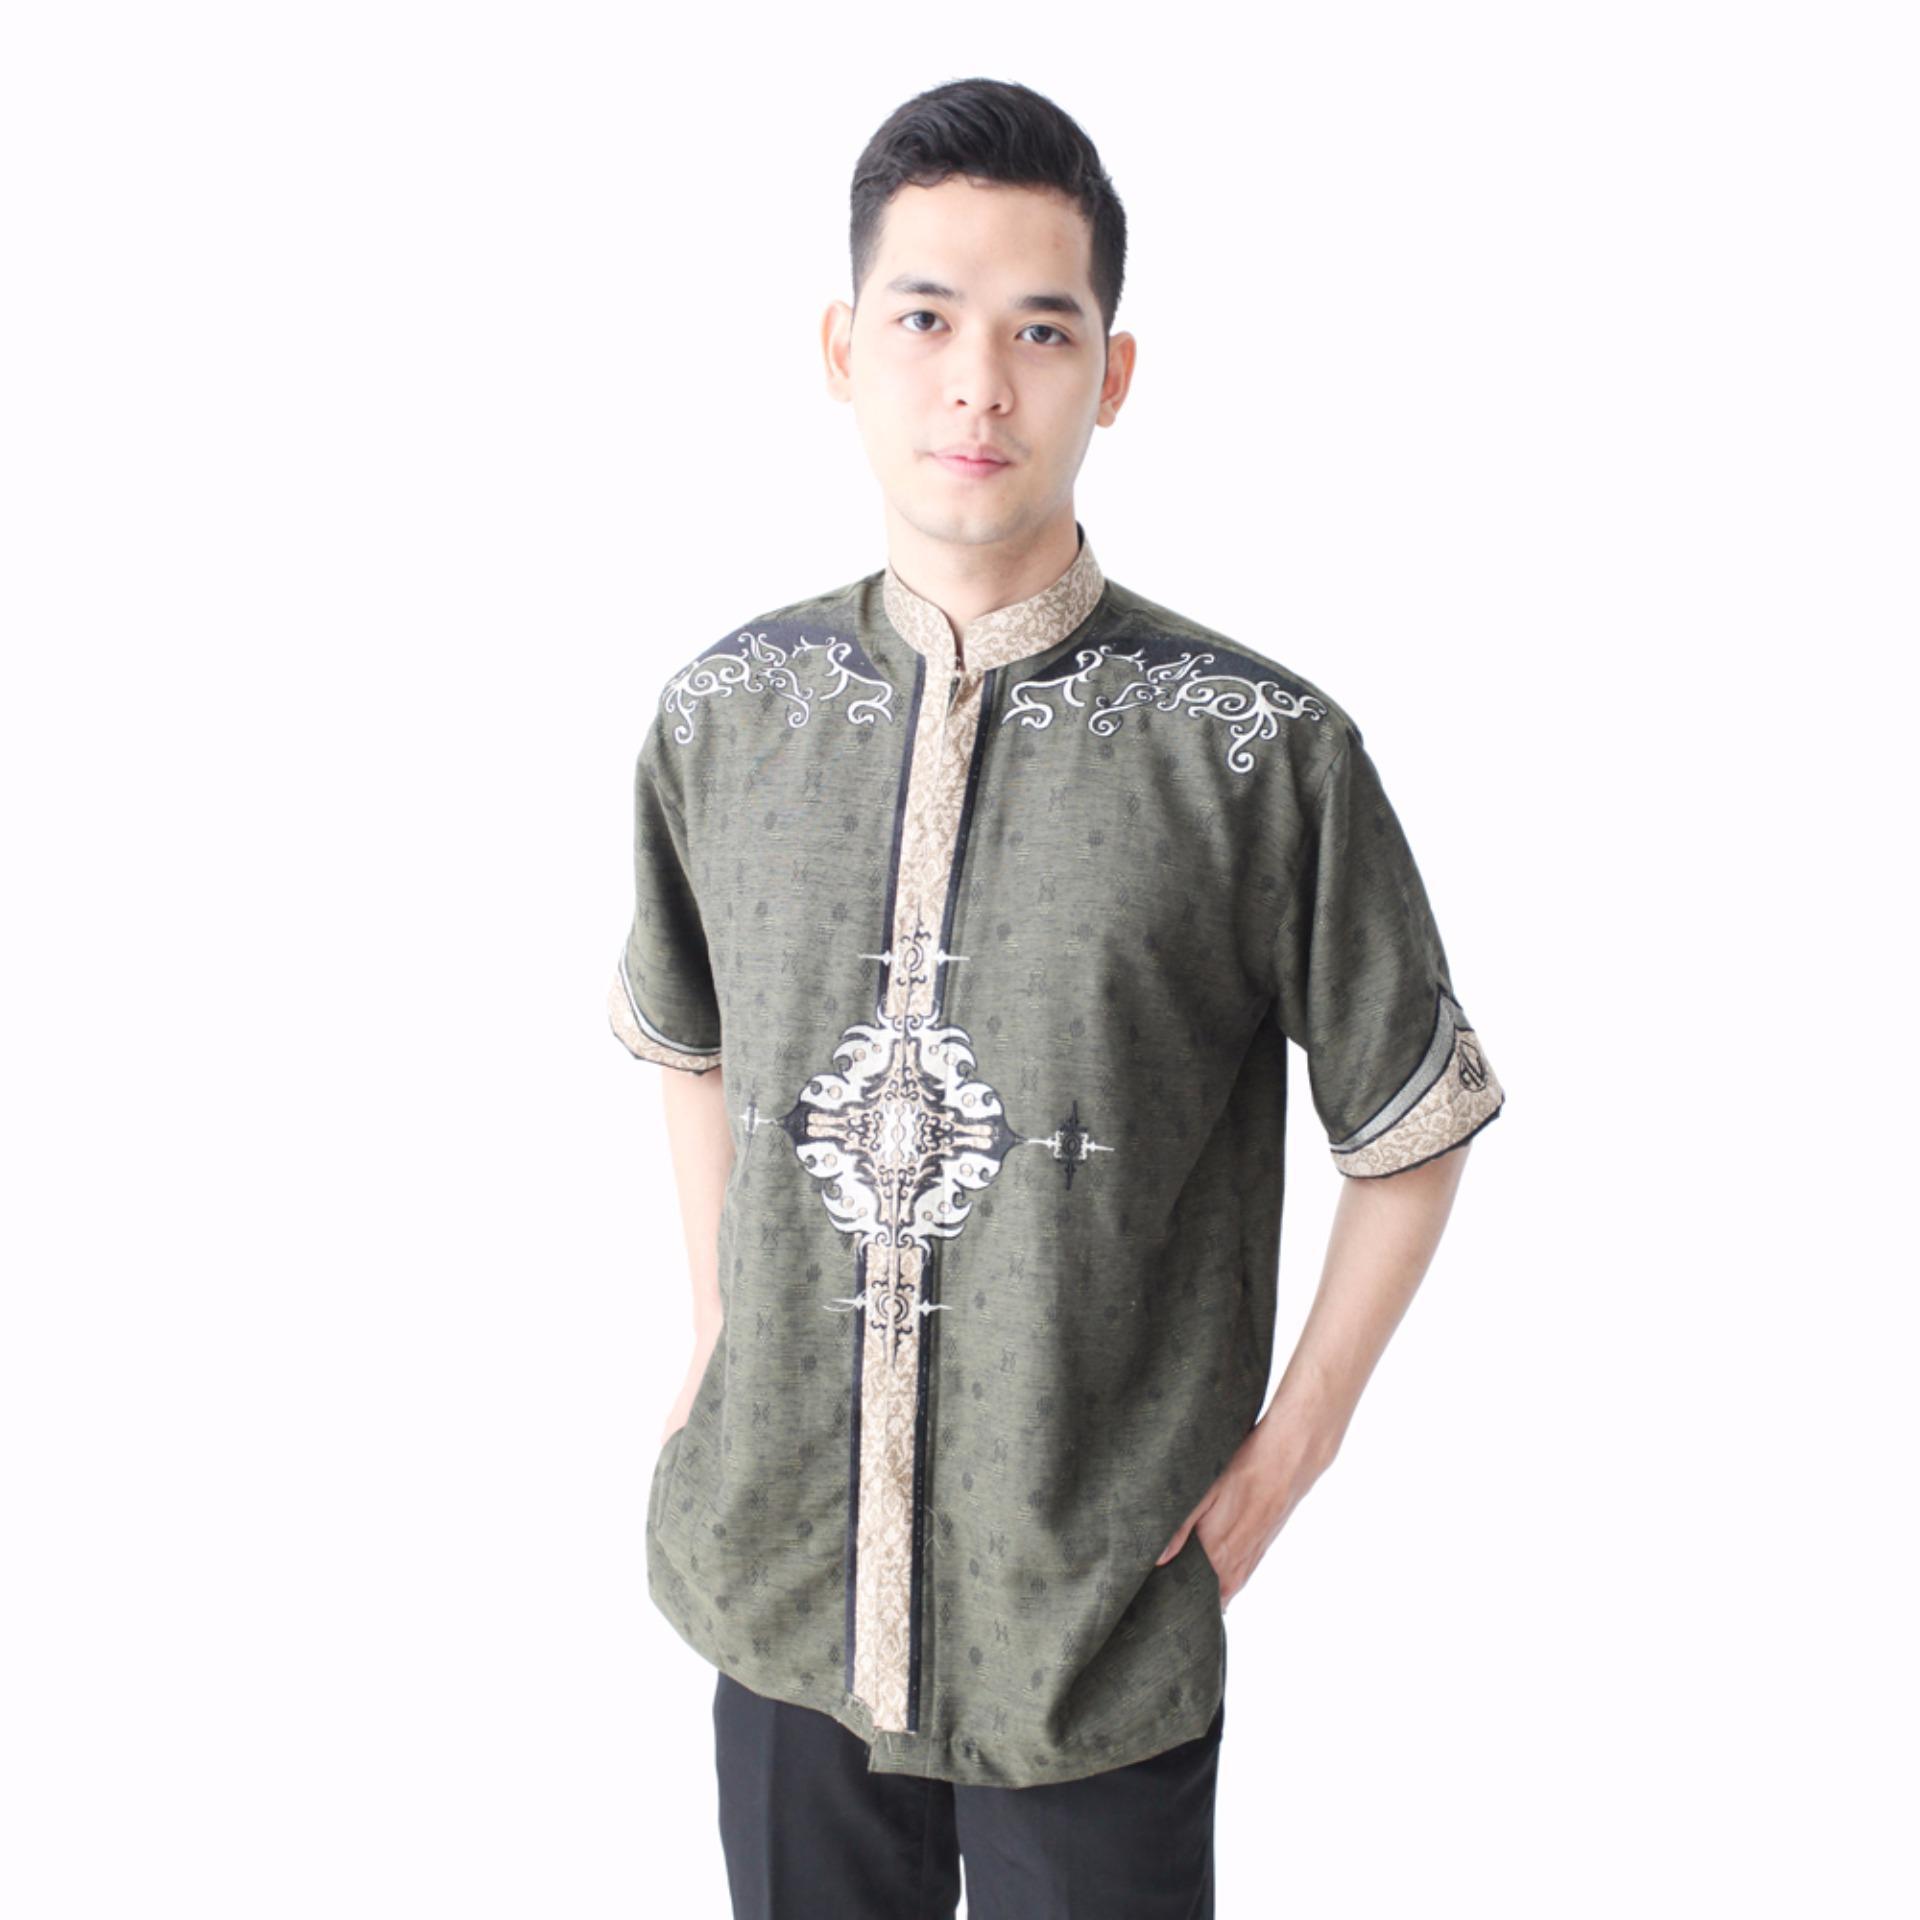 hansen-&-lisa-baju-koko-lengan-pendek-aplikasi-batik-medalion-hijau-1234-62857451-7bb84c59984e203a1226de04c19da2e5 Kumpulan List Harga Tokopedia Baju Koko Batik Paling Baru saat ini